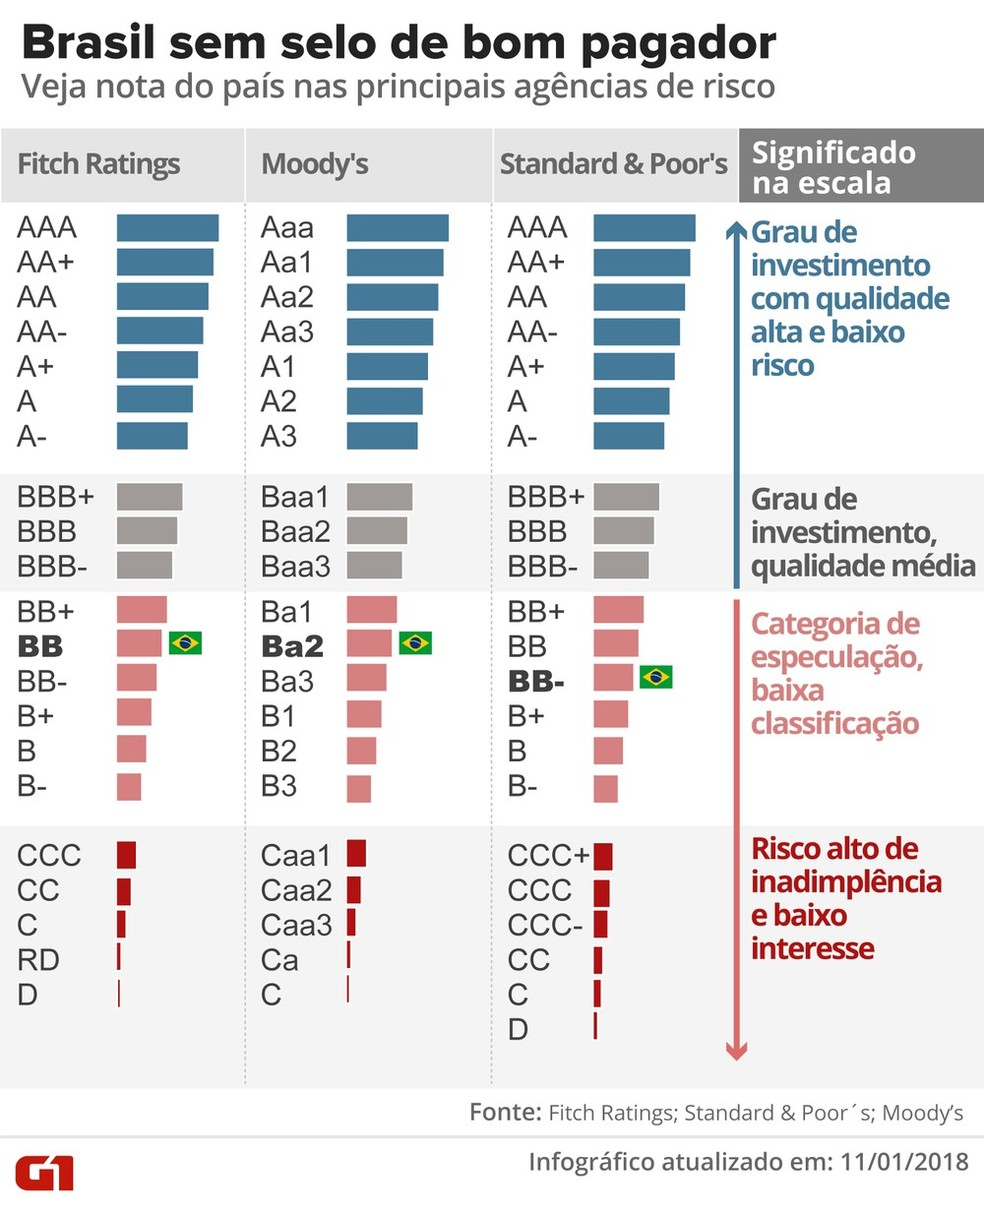 Nota do Brasil nas agências de classificação de risco. (Foto: Infográfico G1)